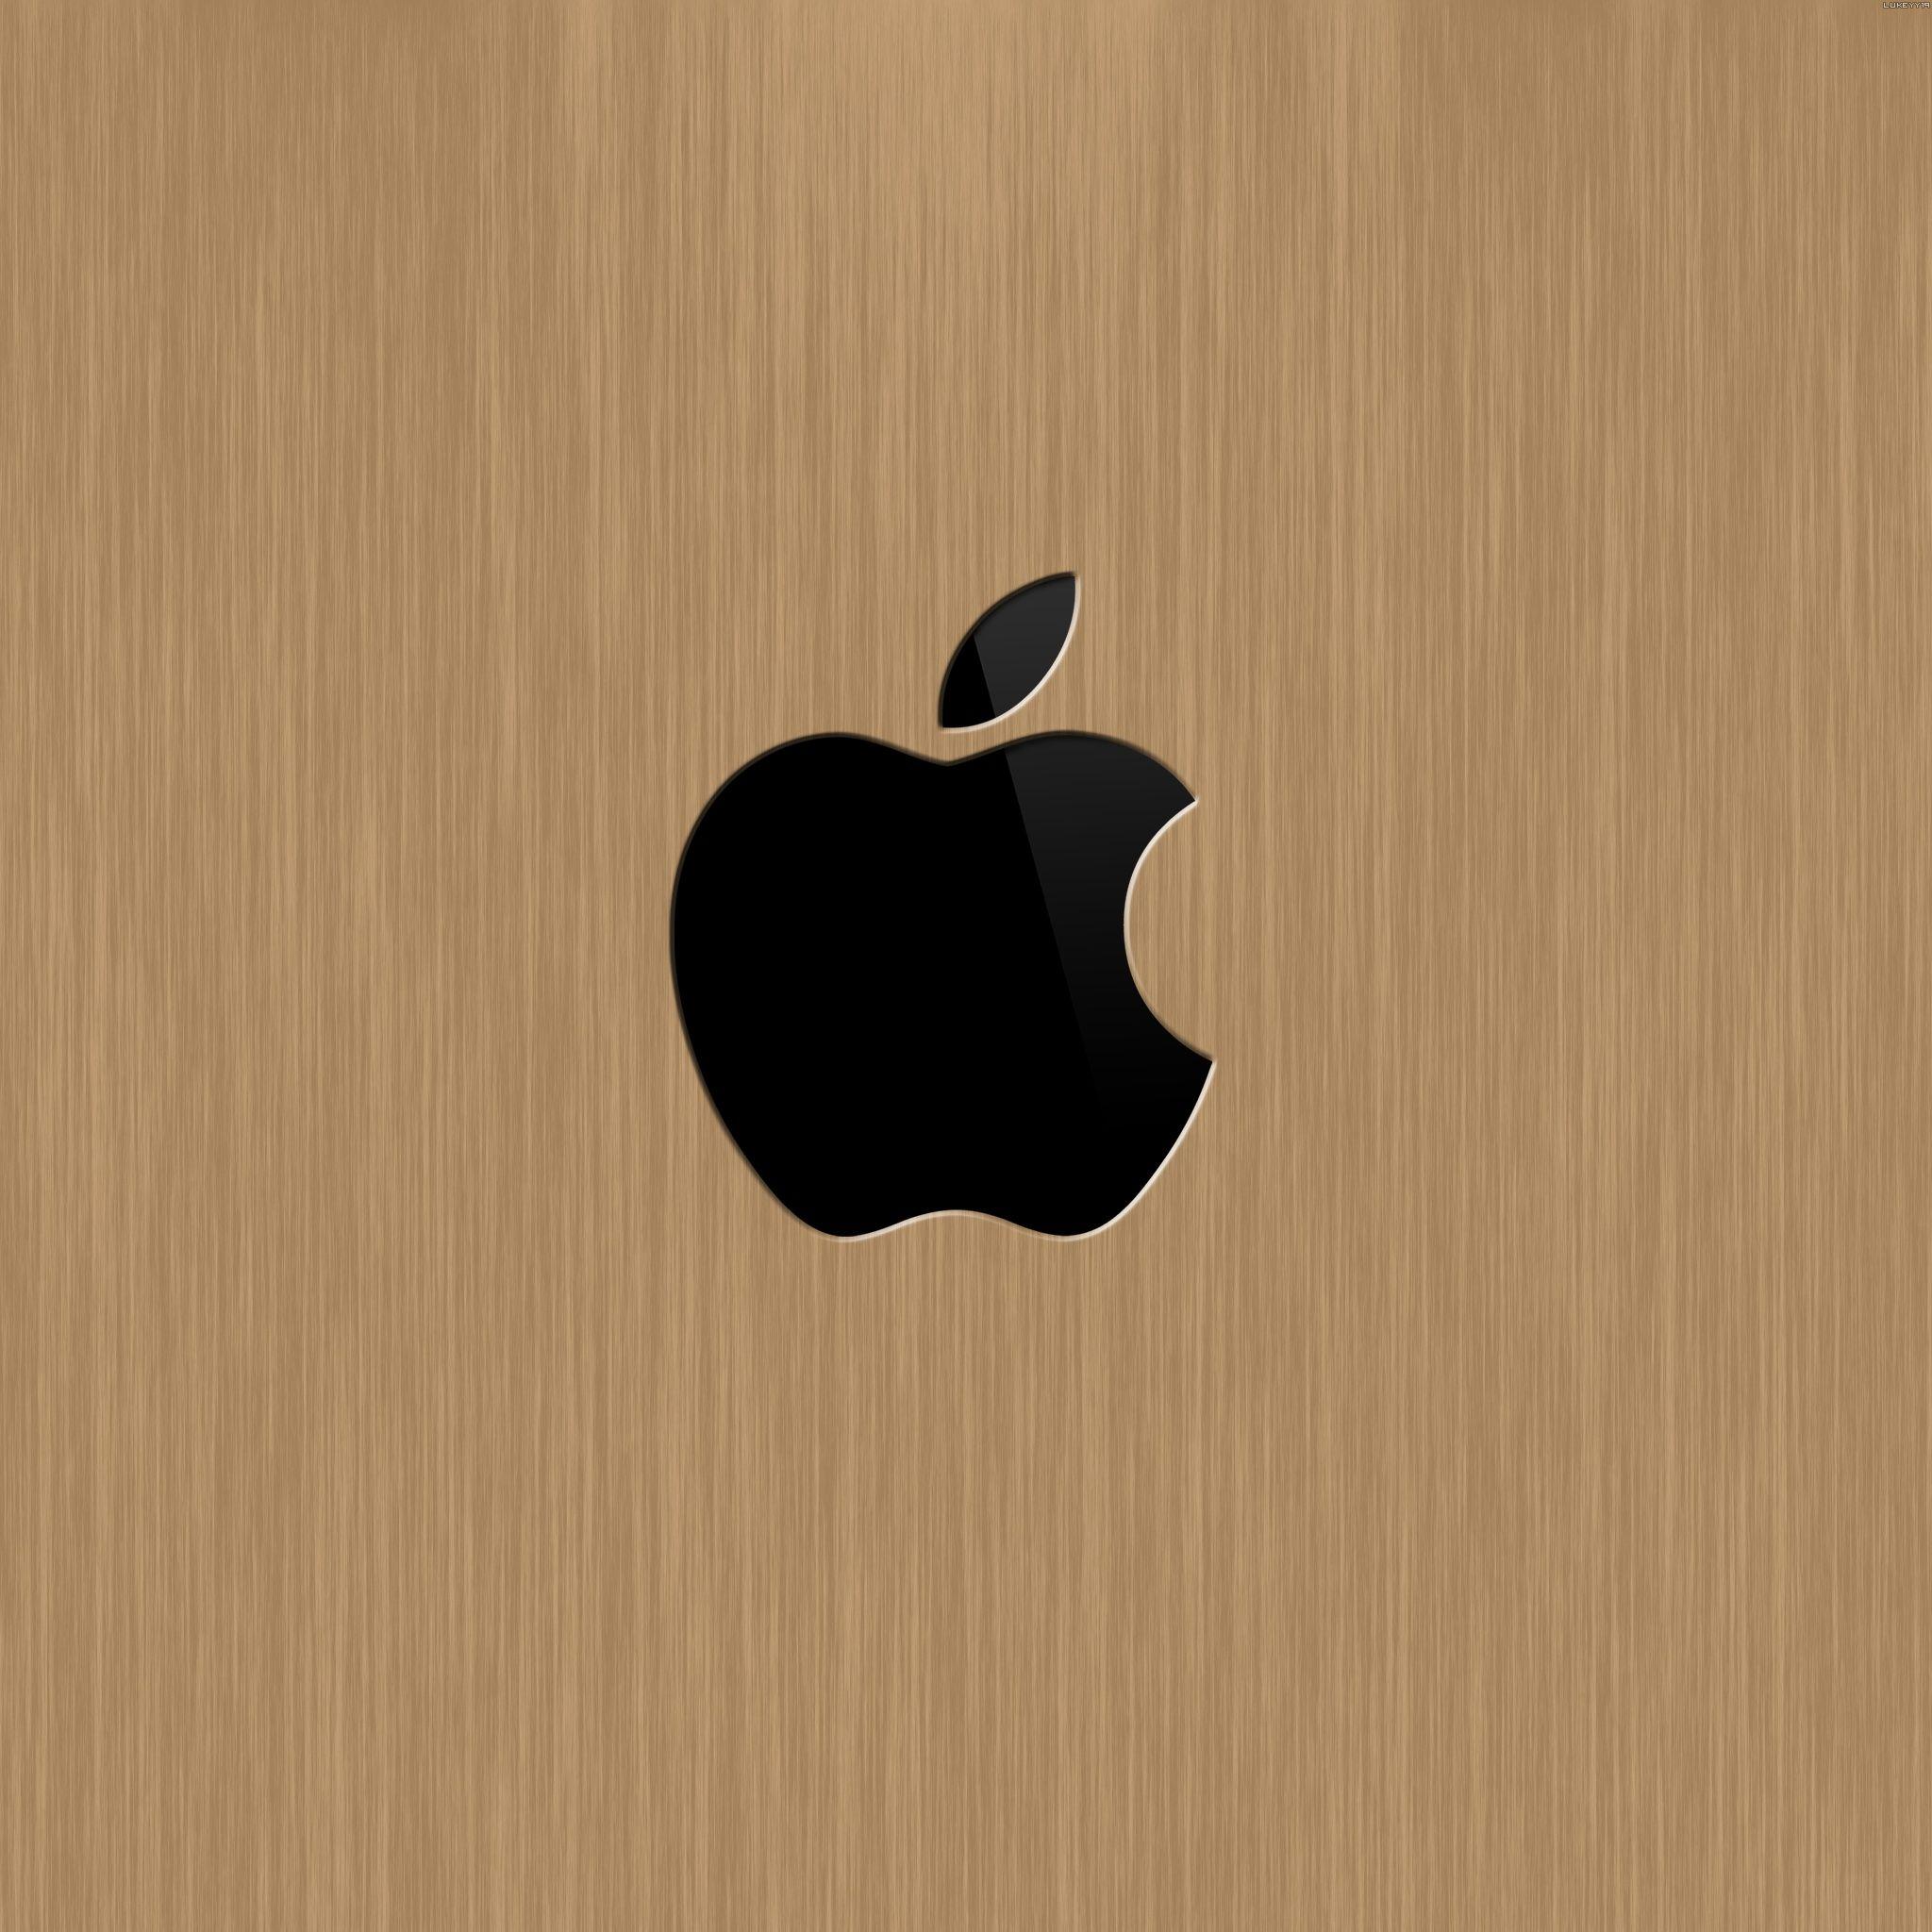 Ipad Retina Wallpaper Ipad Mini Wallpaper Apple Wallpaper Retina Wallpaper